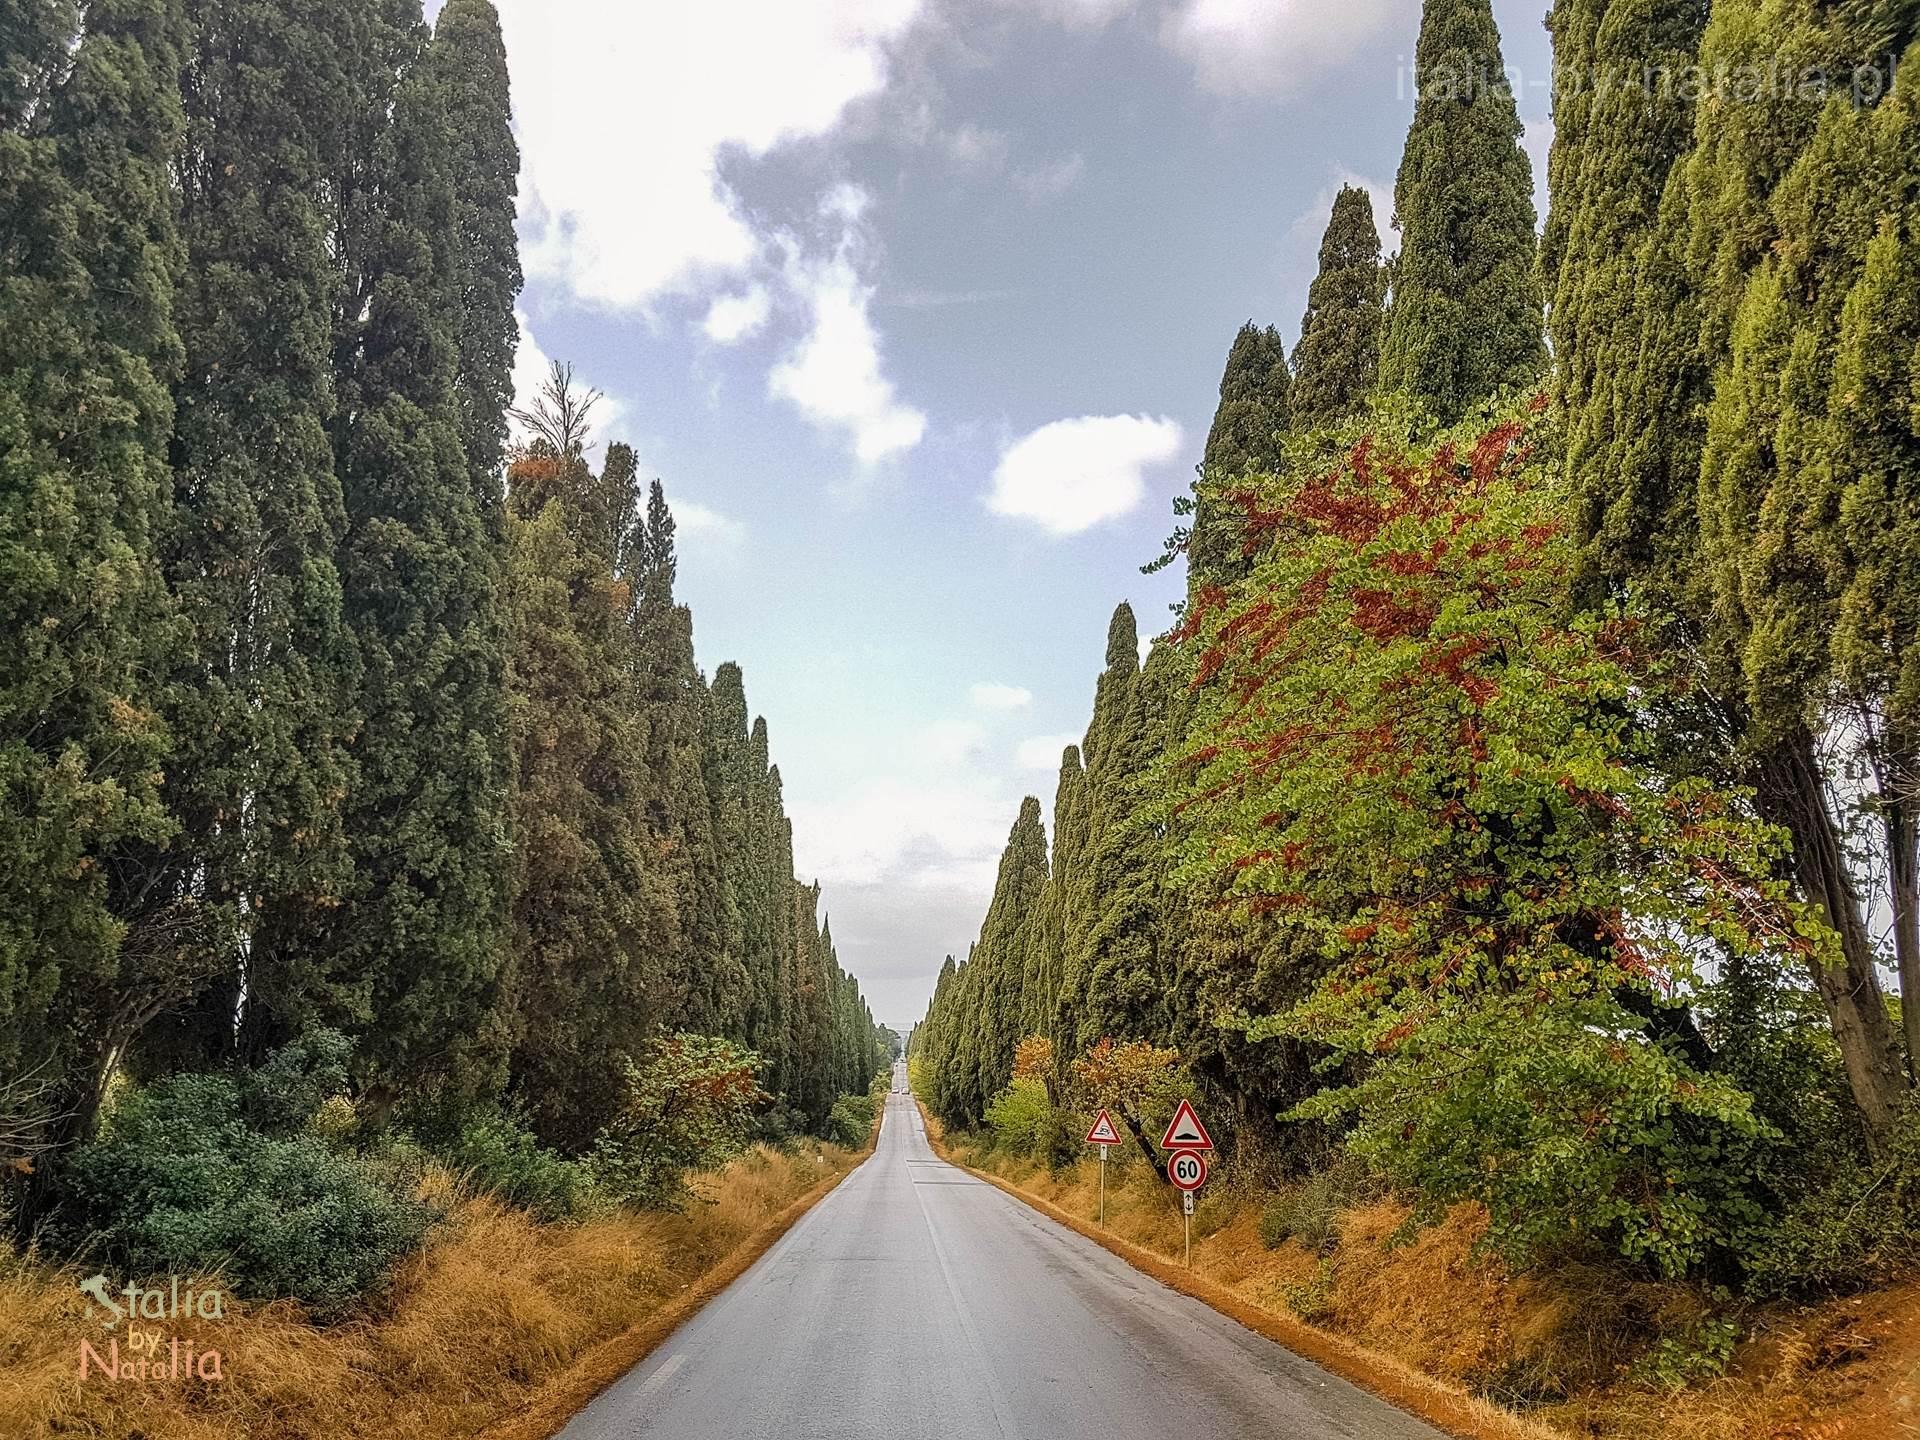 Bolgheri Toskania aleja cyprysowa droga wino cyprysowe drogi toskanii